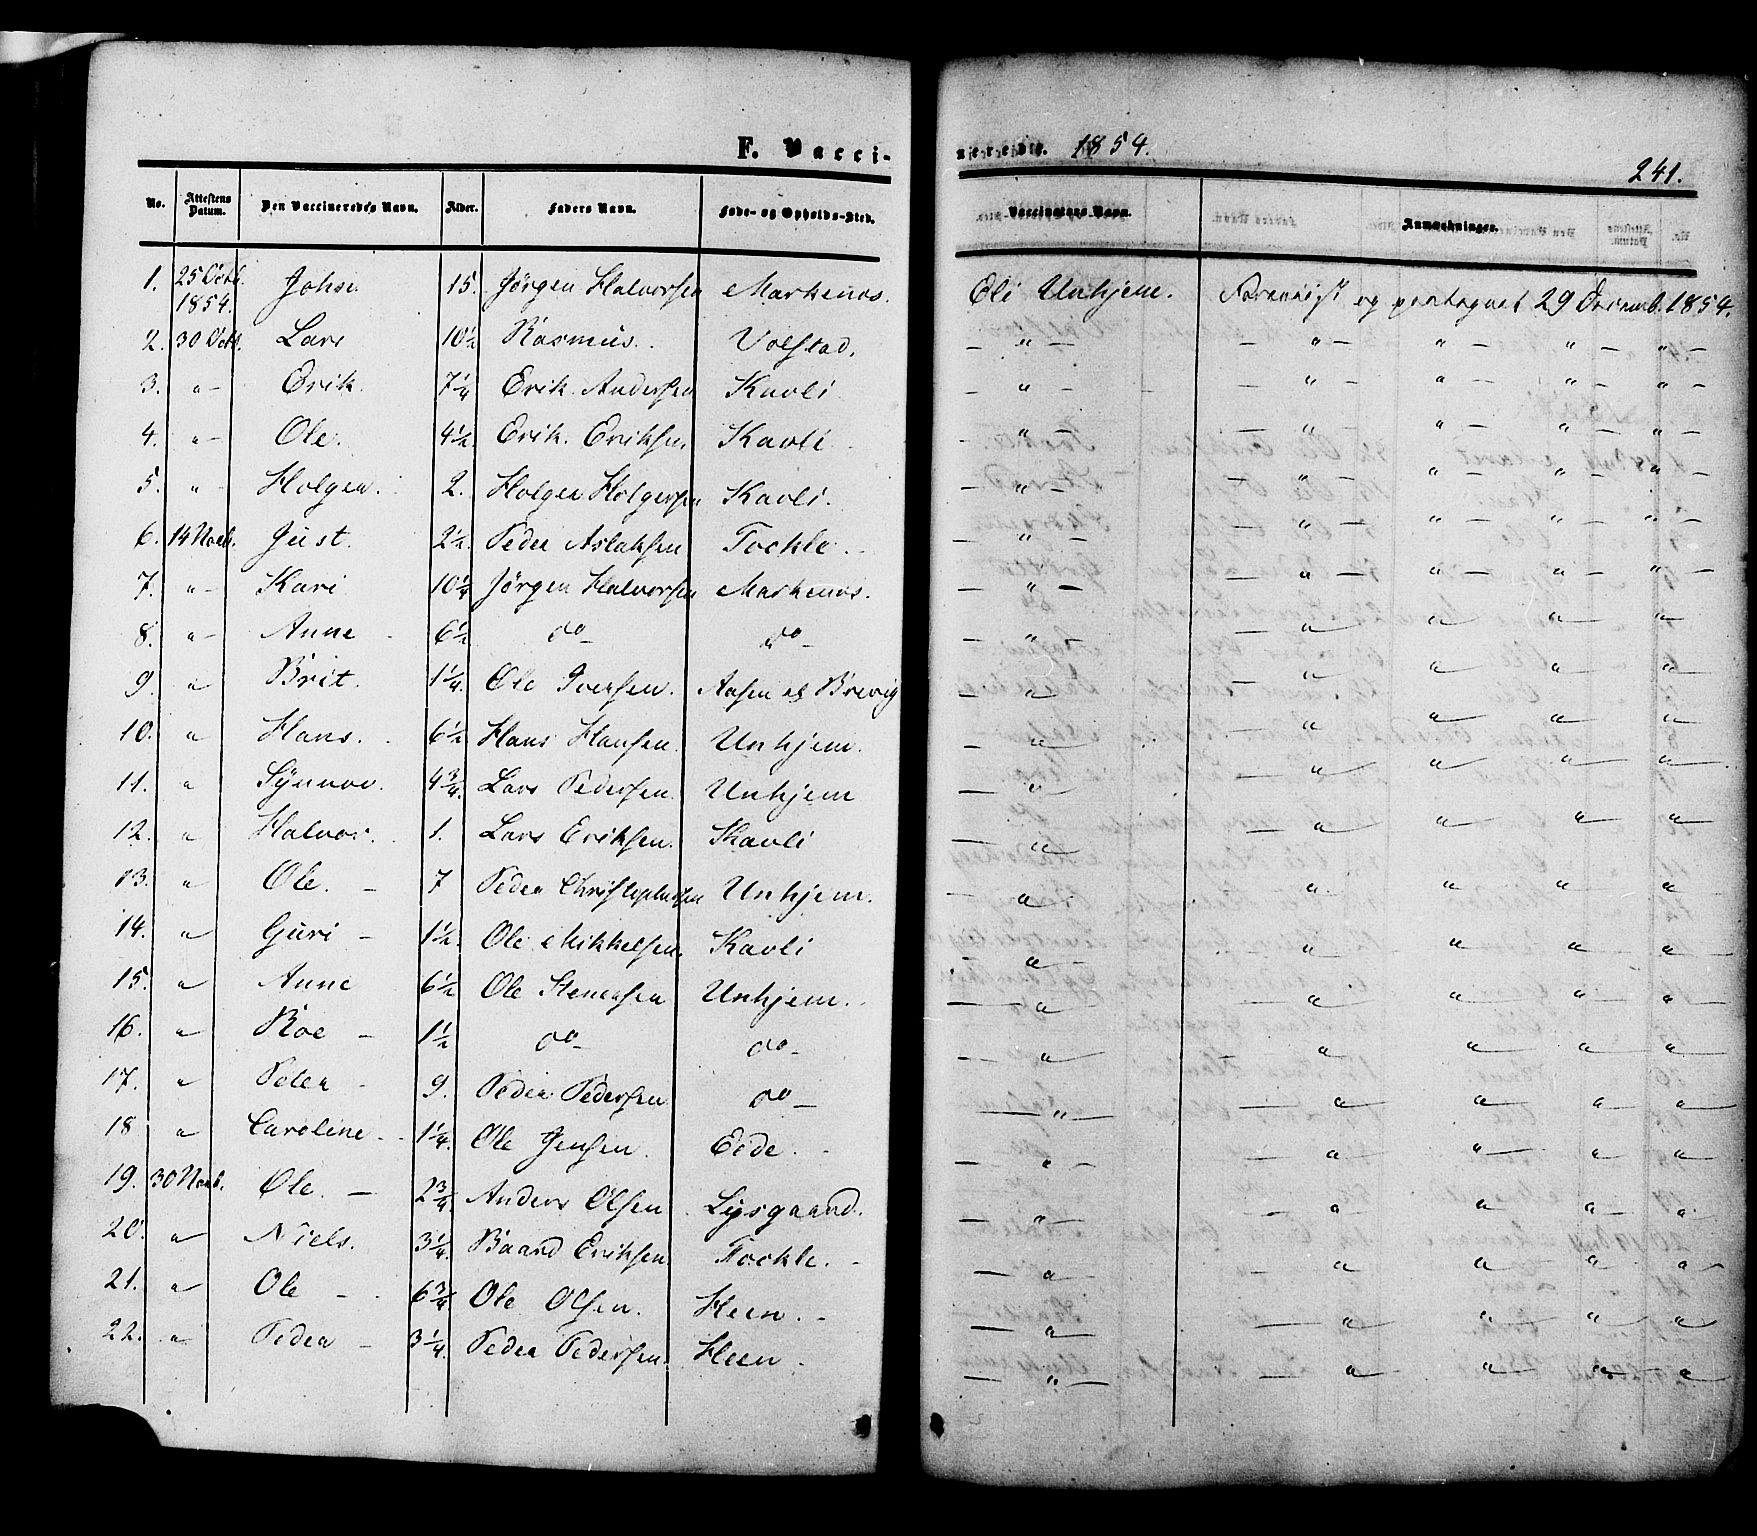 SAT, Ministerialprotokoller, klokkerbøker og fødselsregistre - Møre og Romsdal, 545/L0586: Ministerialbok nr. 545A02, 1854-1877, s. 241